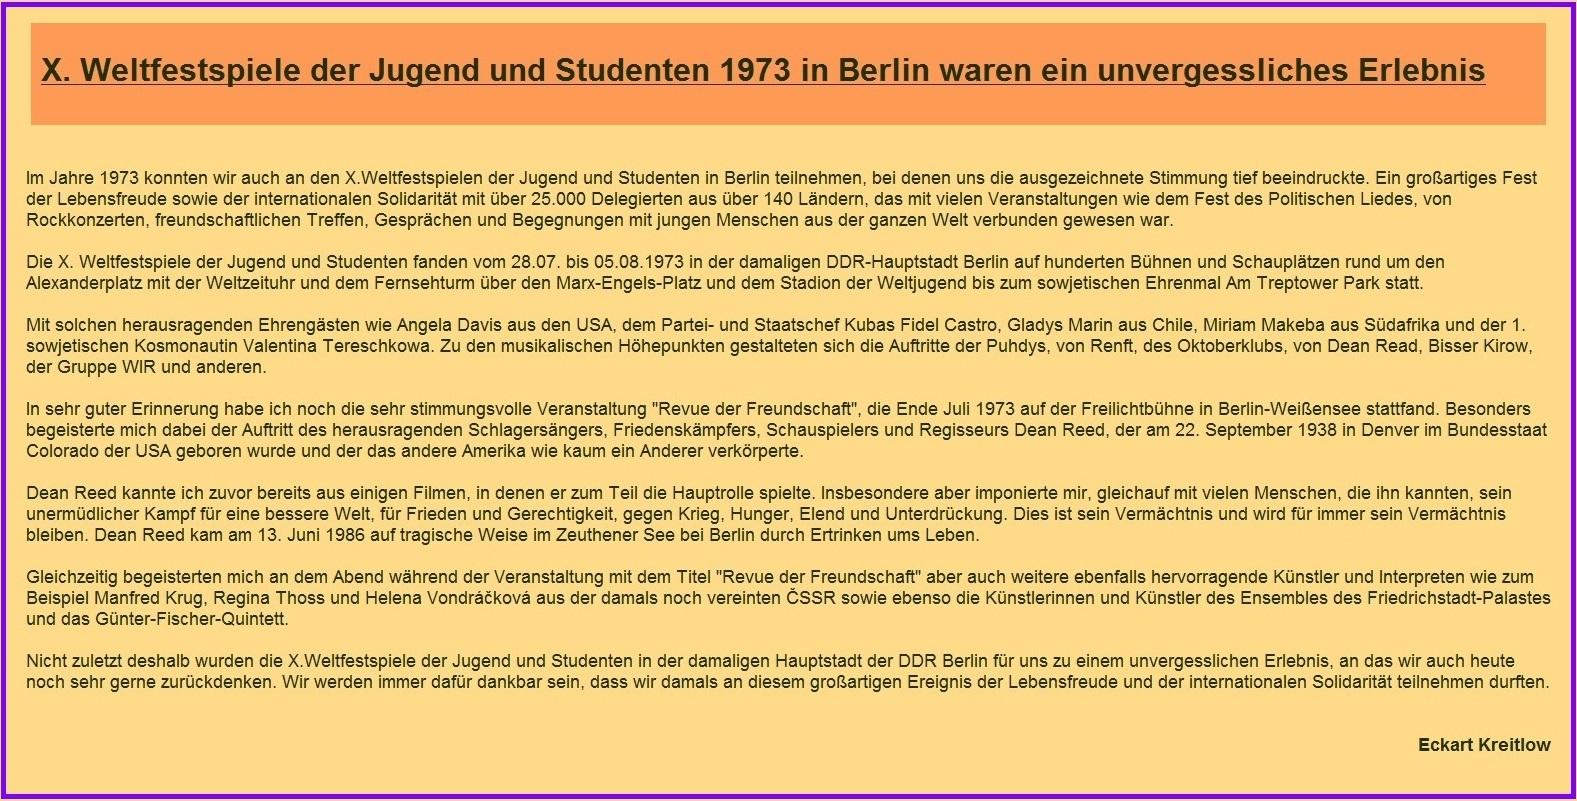 Erinnerungen an die X. Weltfestspiele der Jugend und Studenten 1973 in der damaligen Hauptstadt der DDR Berlin - DDR-Erinnerungen - Ostsee-Rundschau.de - Neue Unabhängige Onlinezeitungen (NUOZ)